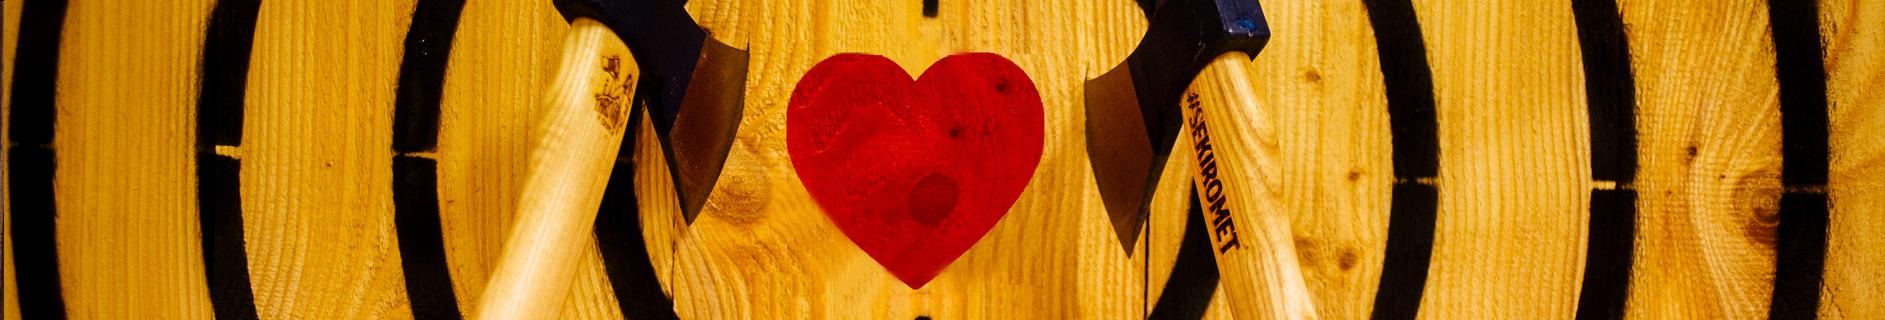 sekiromet valentinovo axe throwing